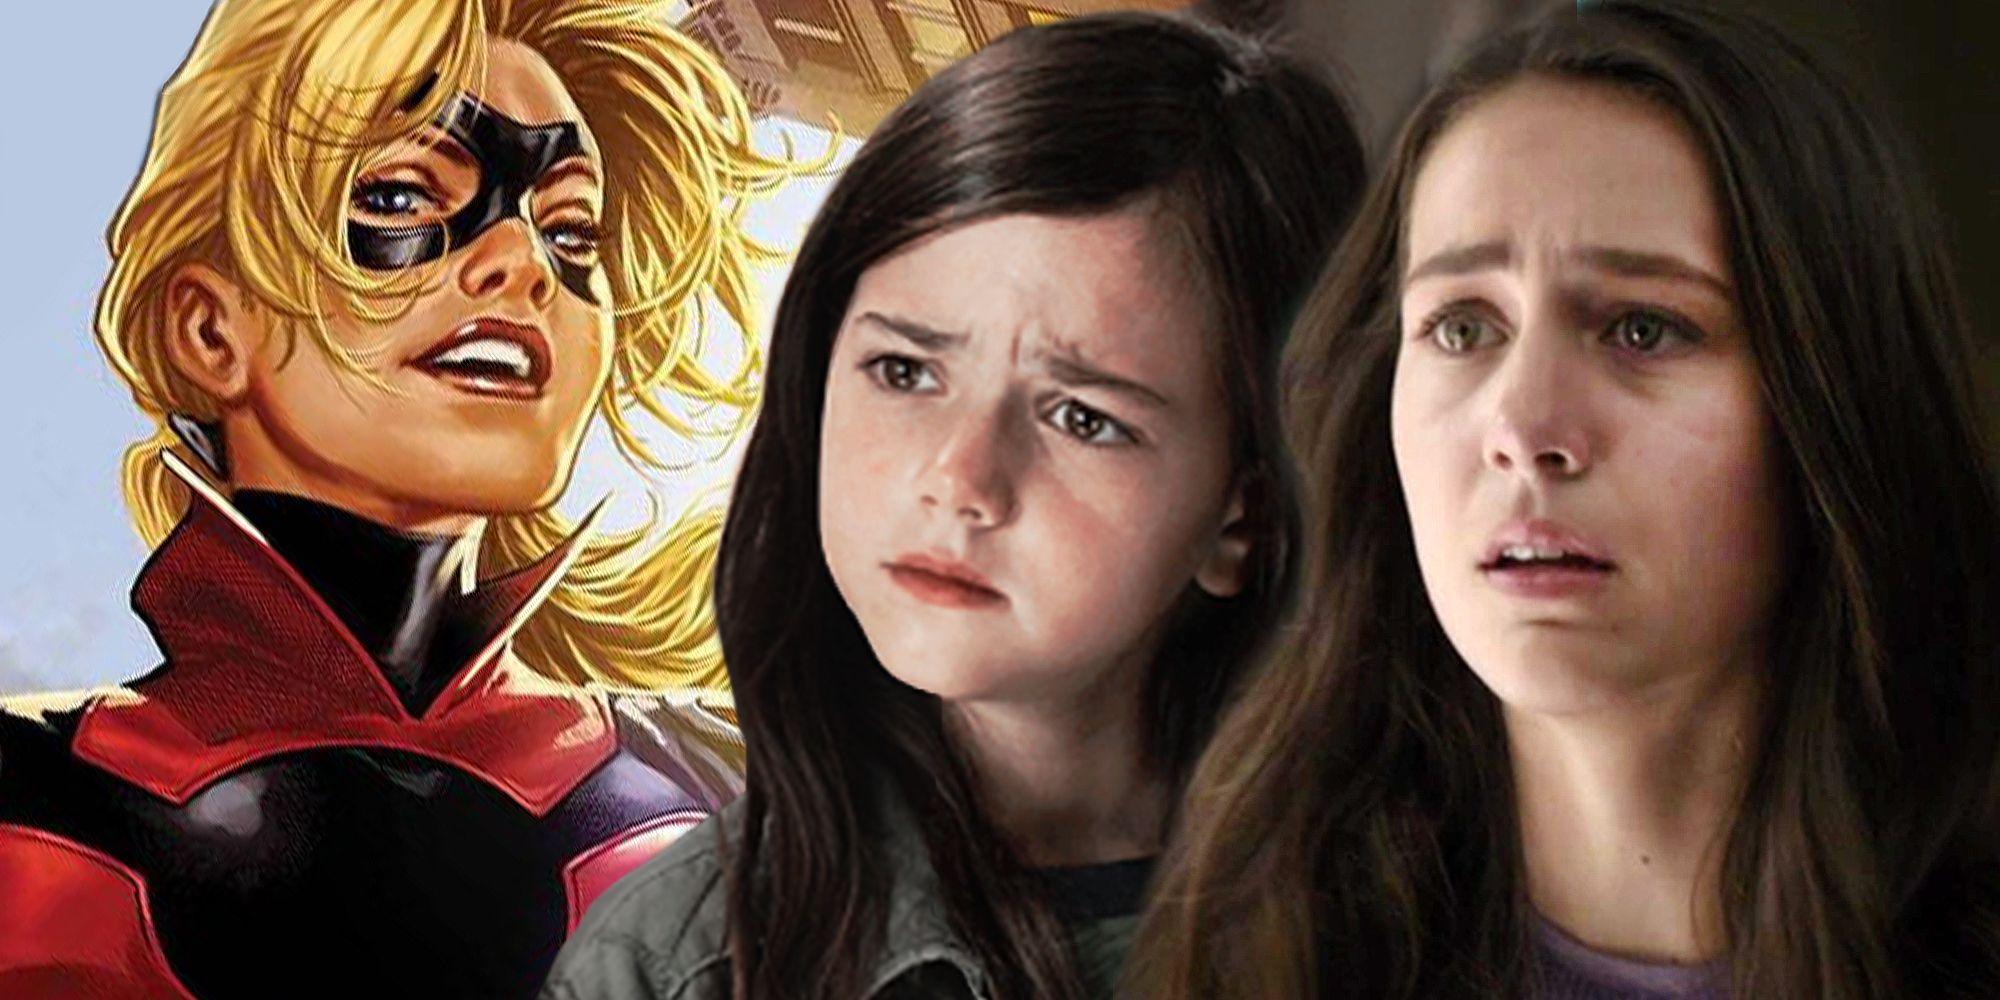 Elenco de Jovens Vingadores MCU da Marvel (como nós o conhecemos) 3